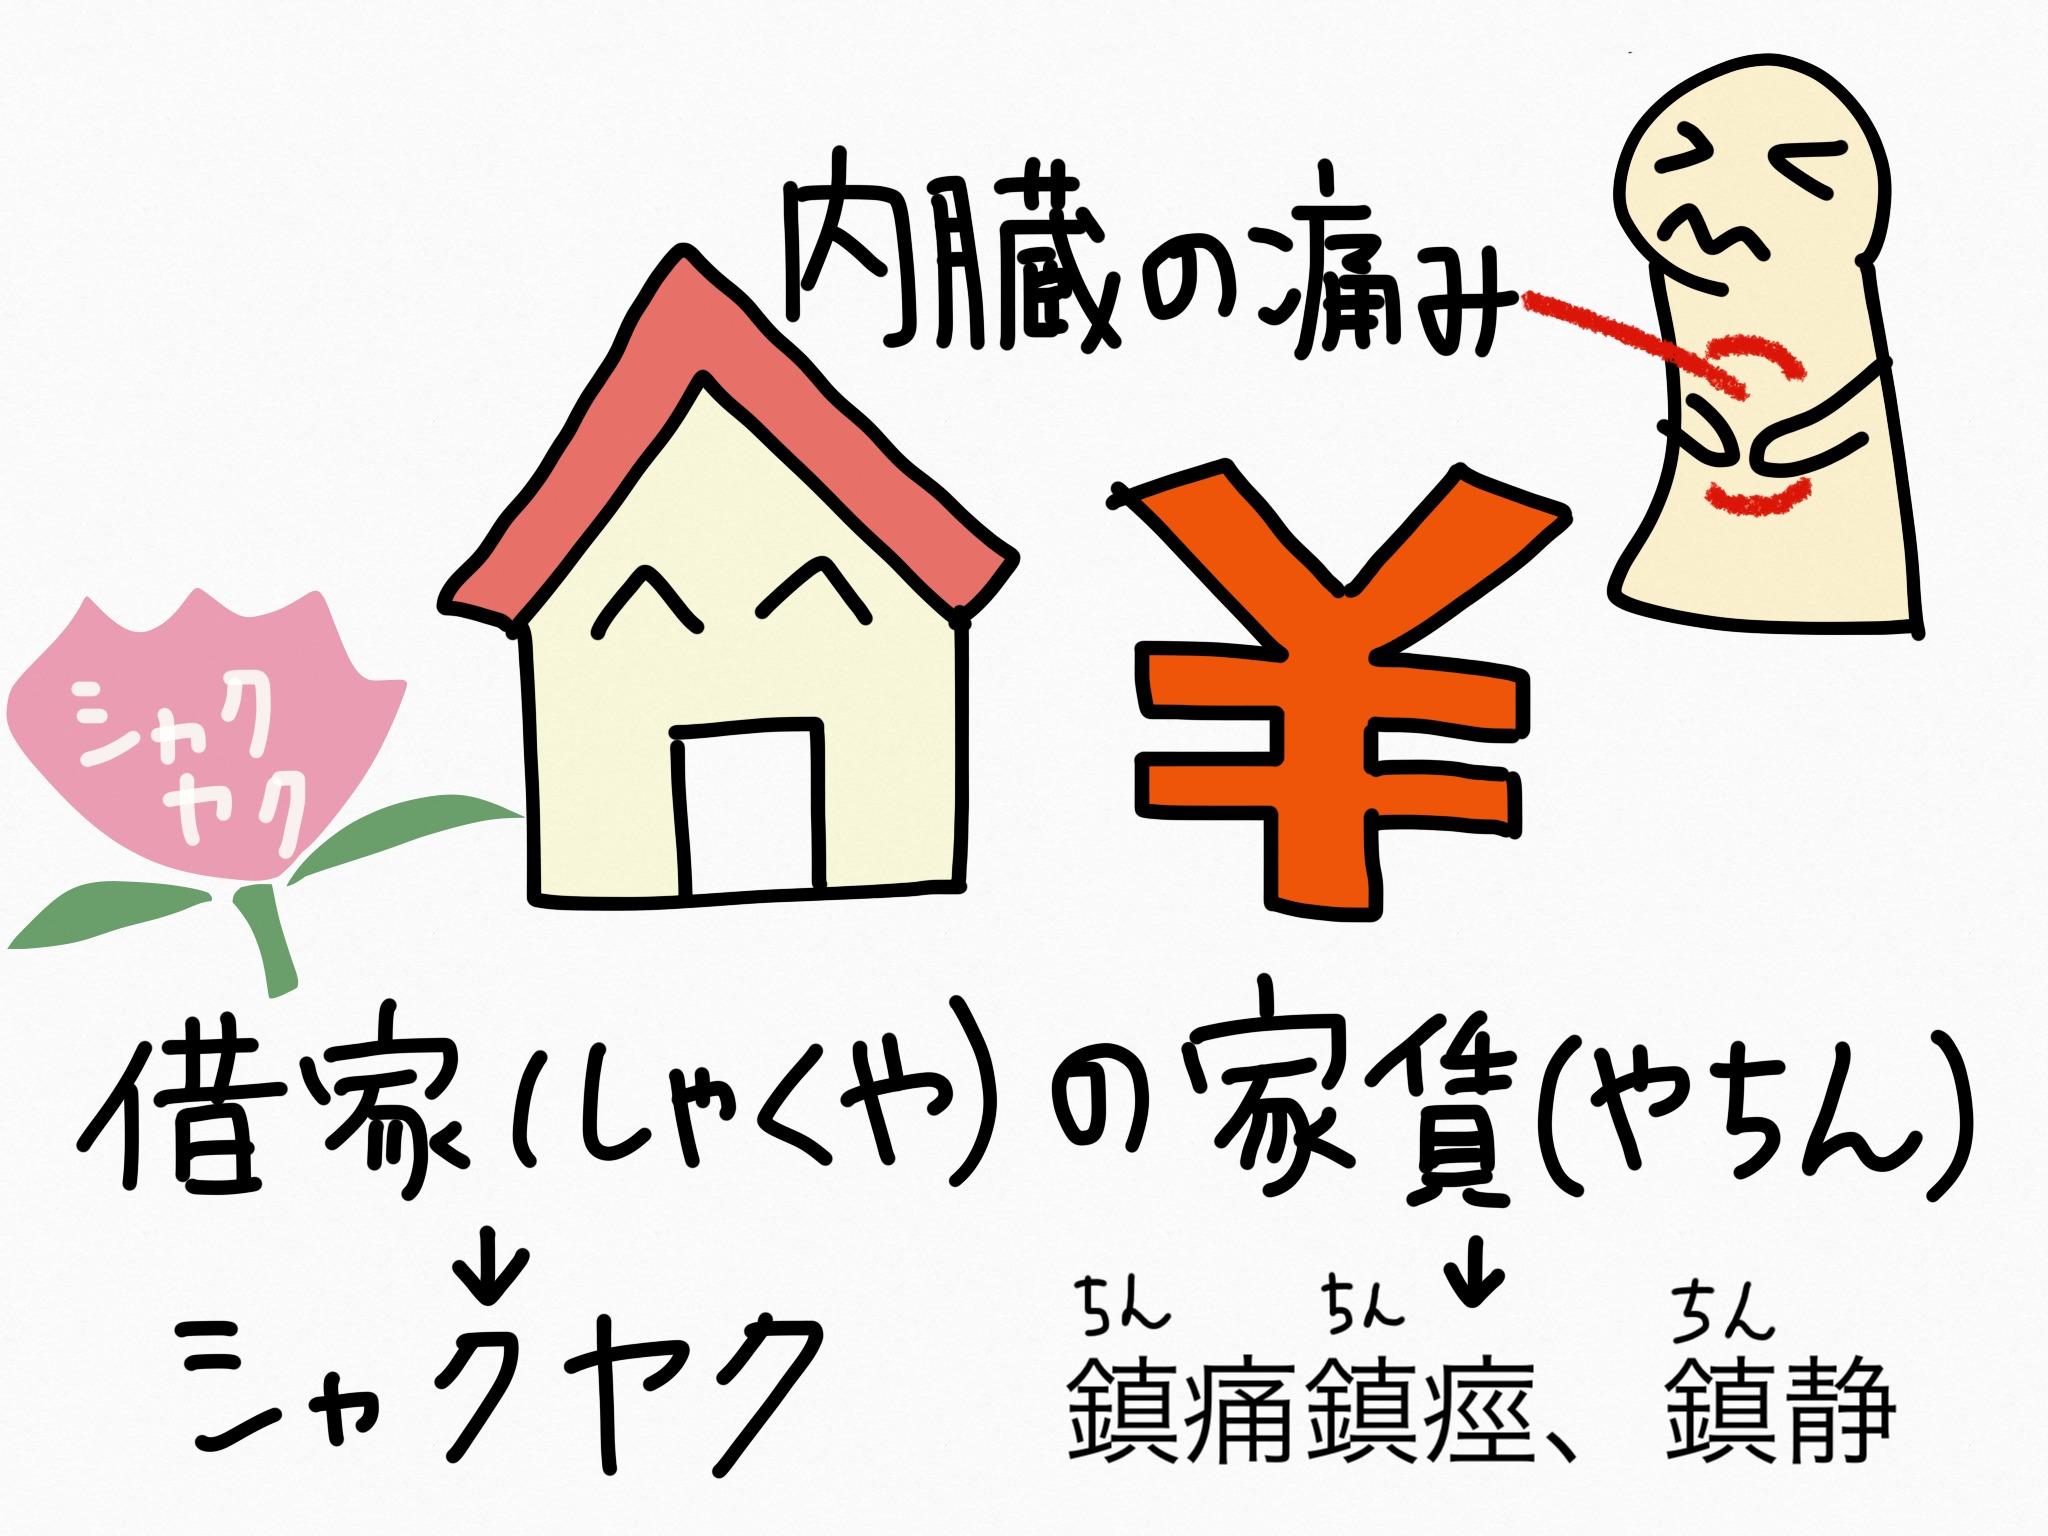 シャクヤク[解熱鎮痛薬他]【生薬の覚え方・暗記方法】